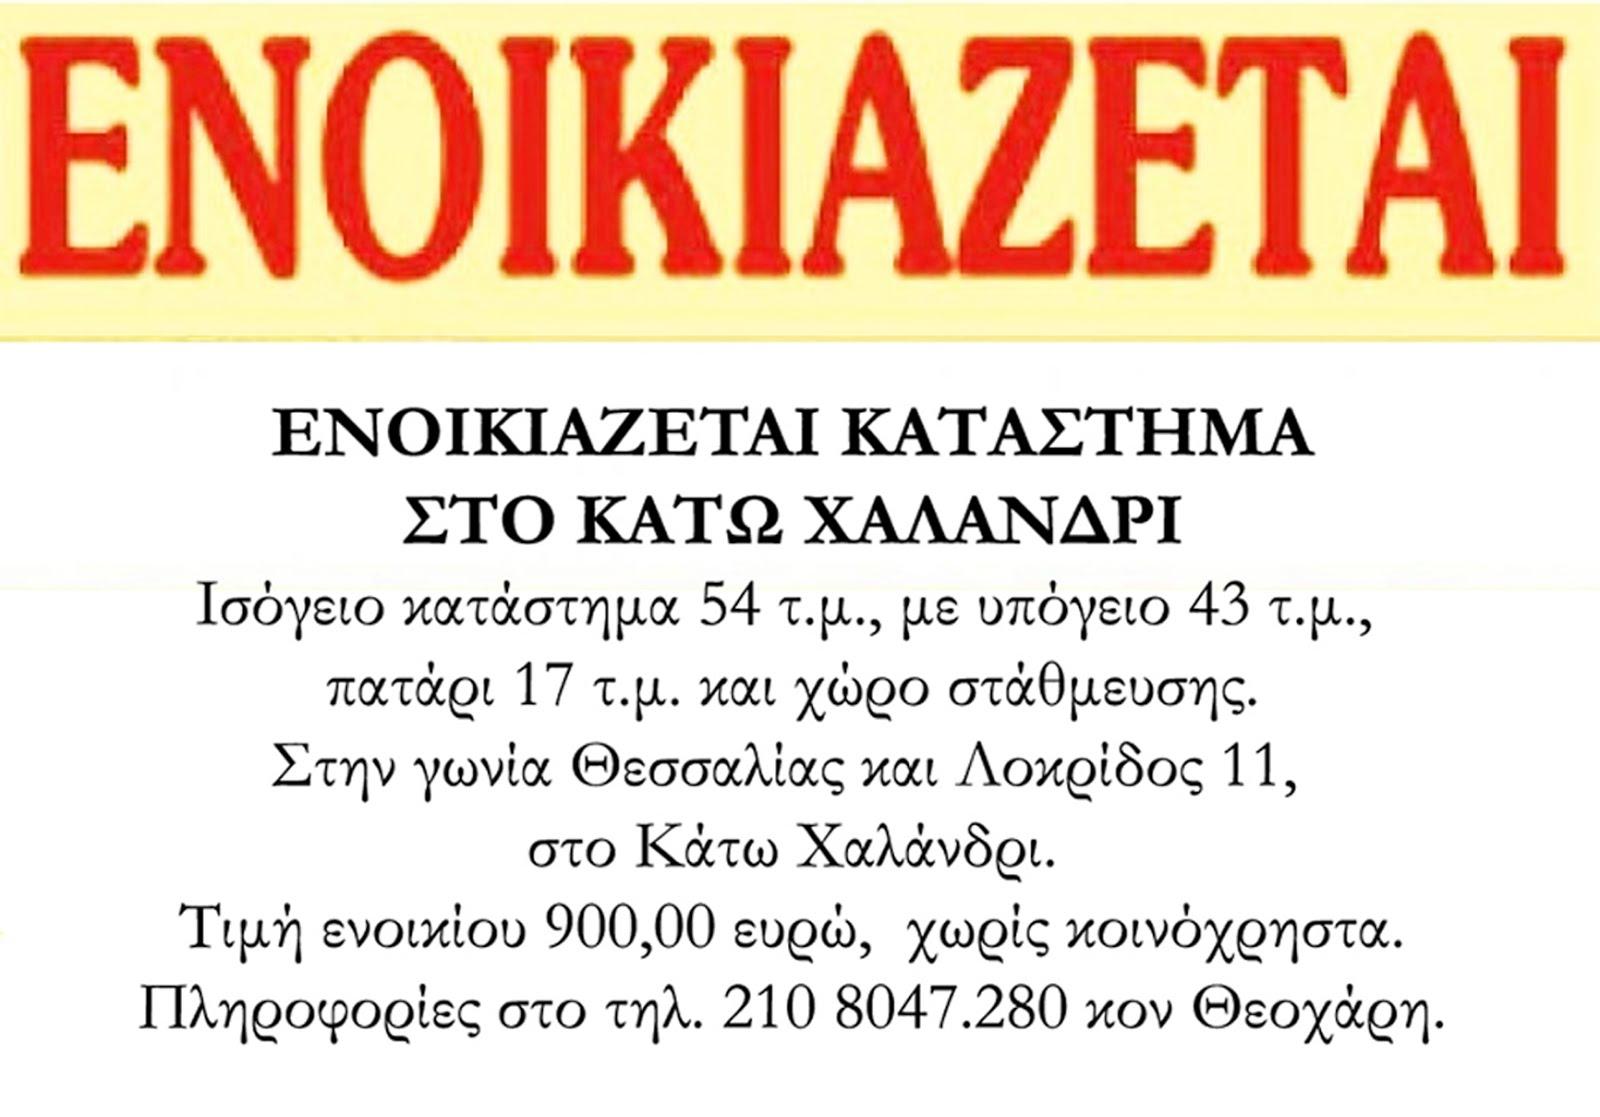 ΜΙΚΡΕΣ ΑΓΓΕΛΙΕΣ